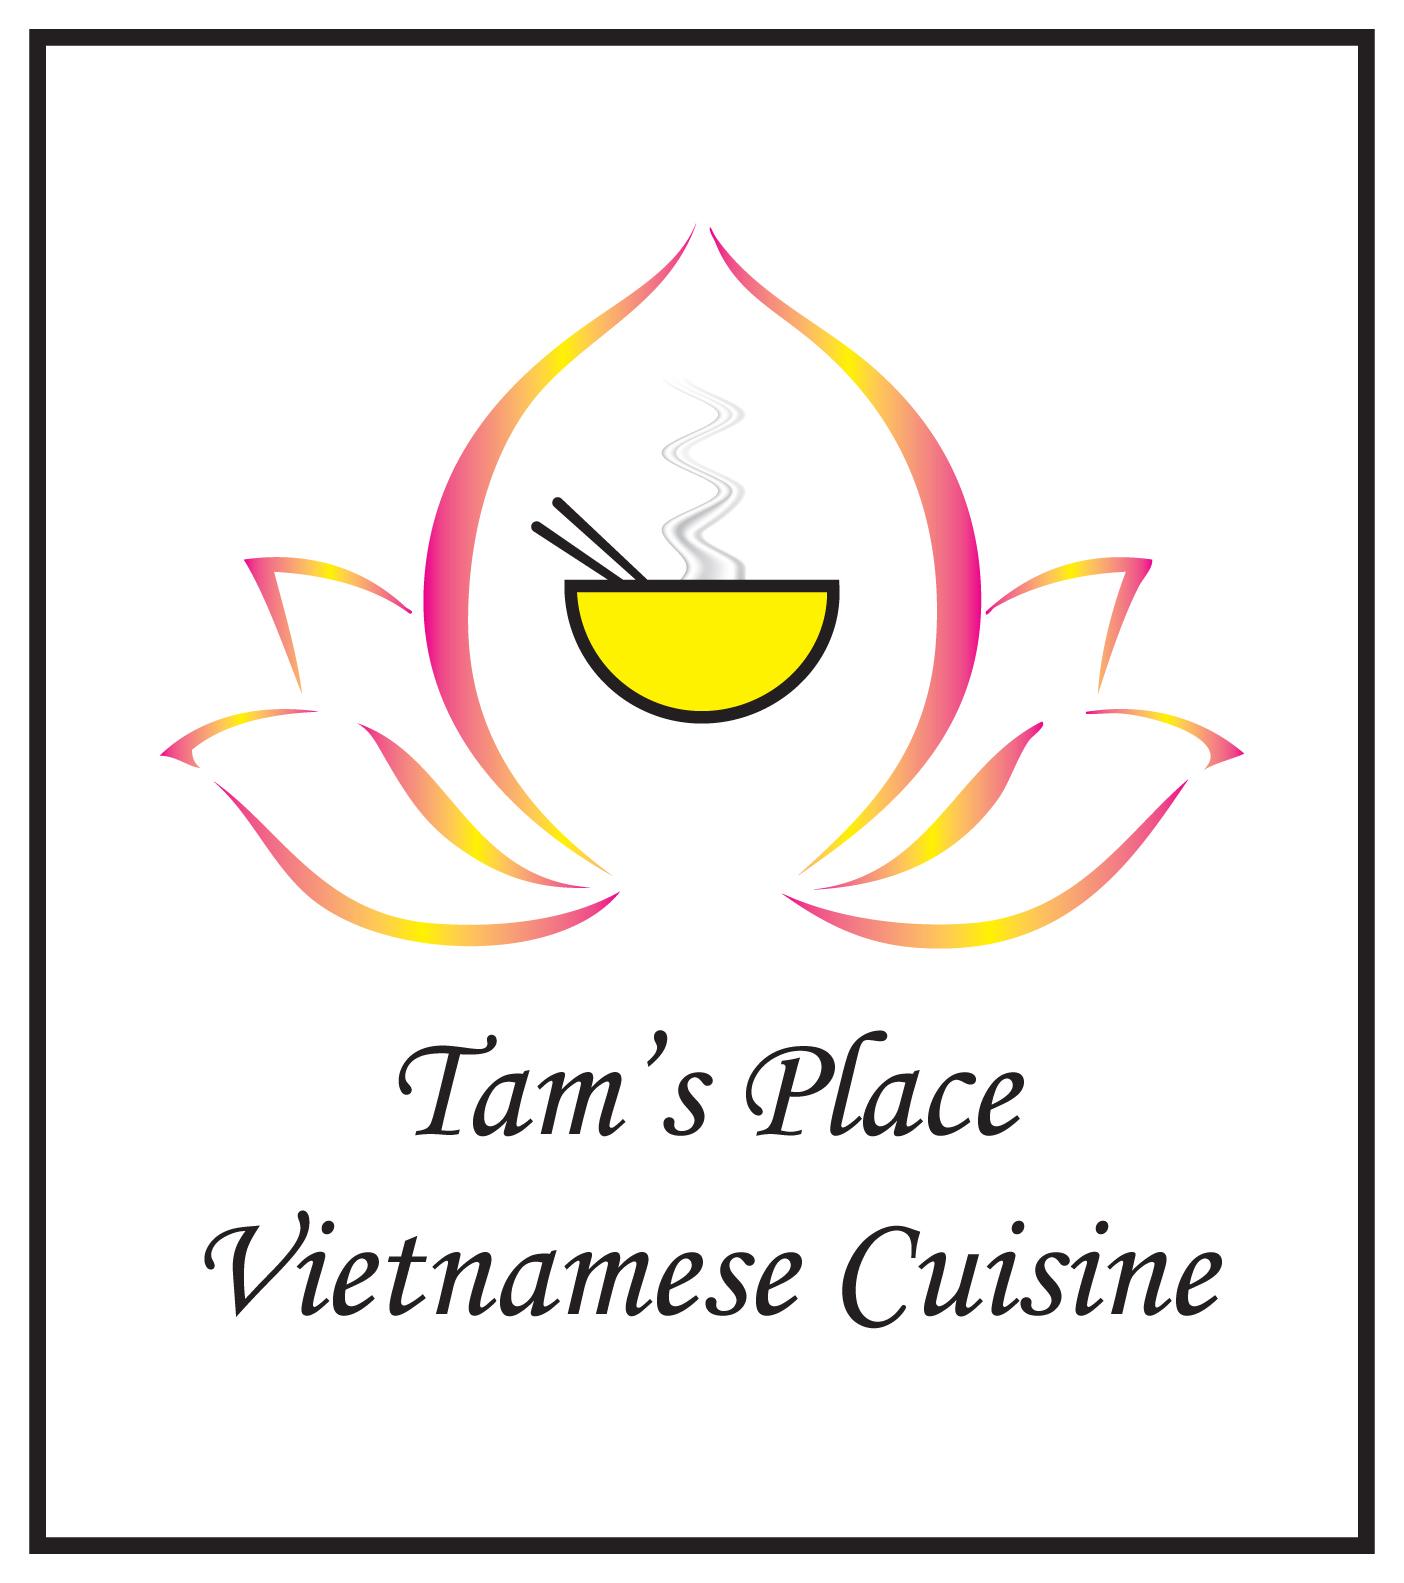 Tam's Place Vietnamese Cuisine